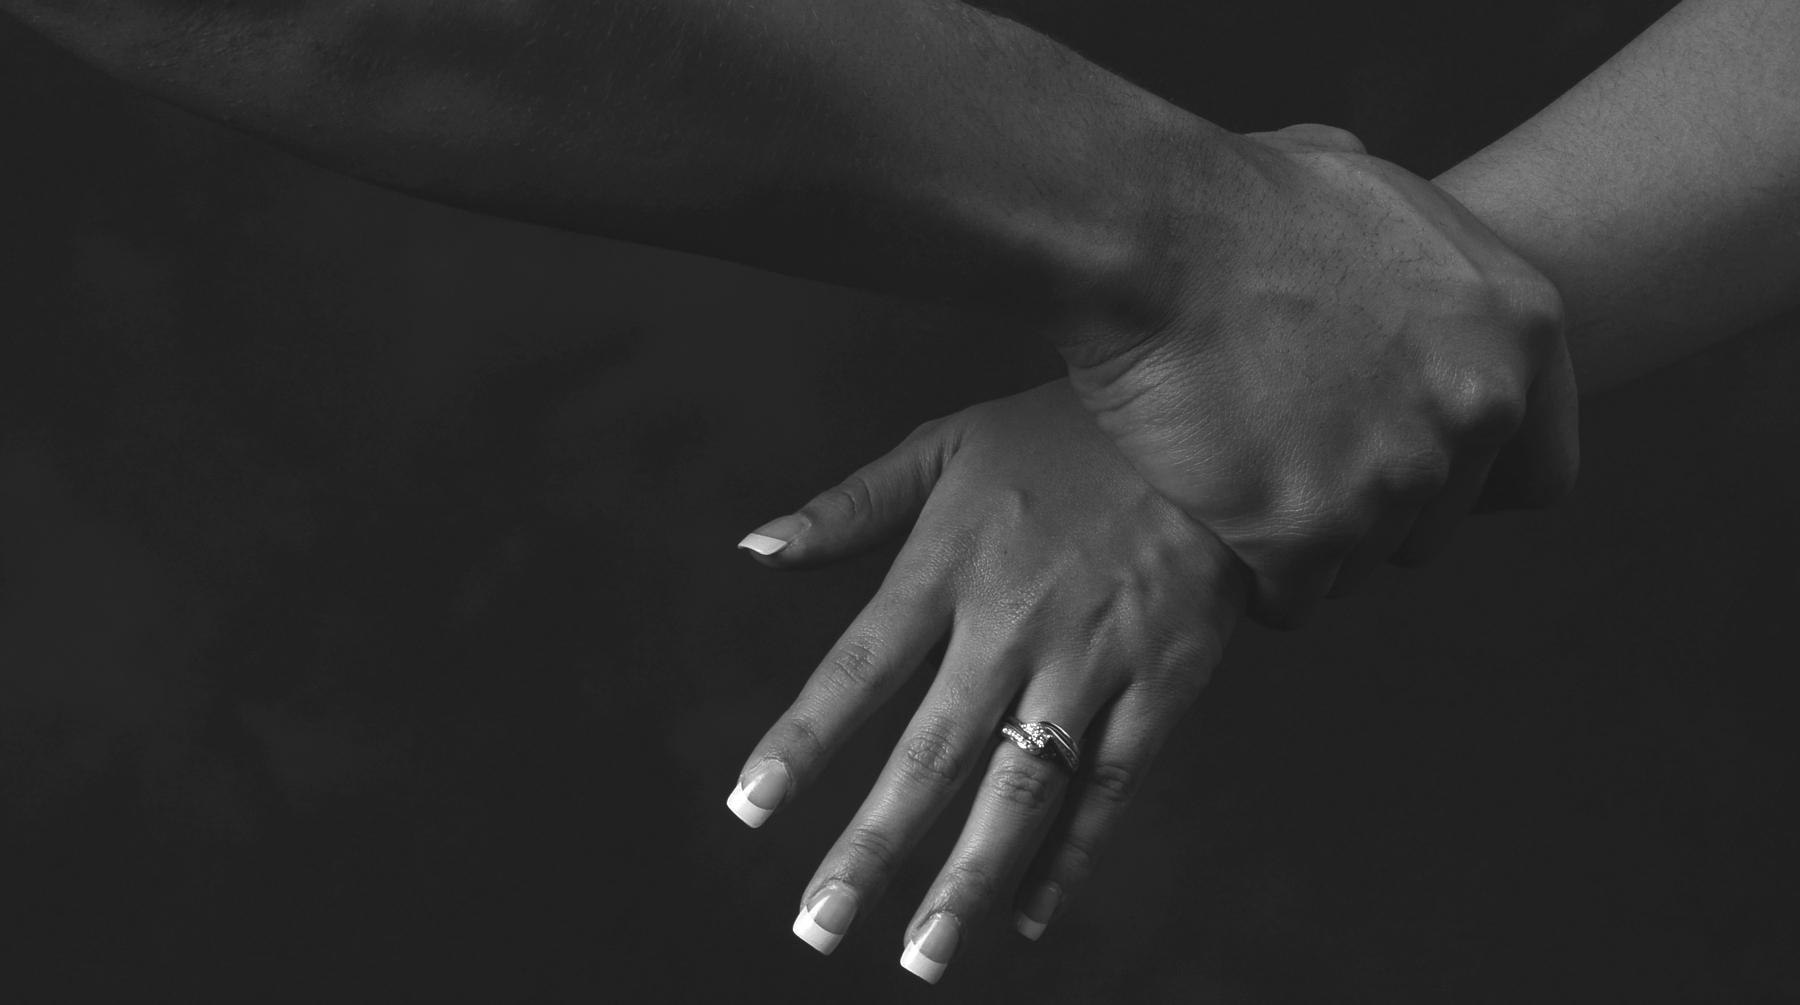 Un mari violent condamné, sa femme témoigne